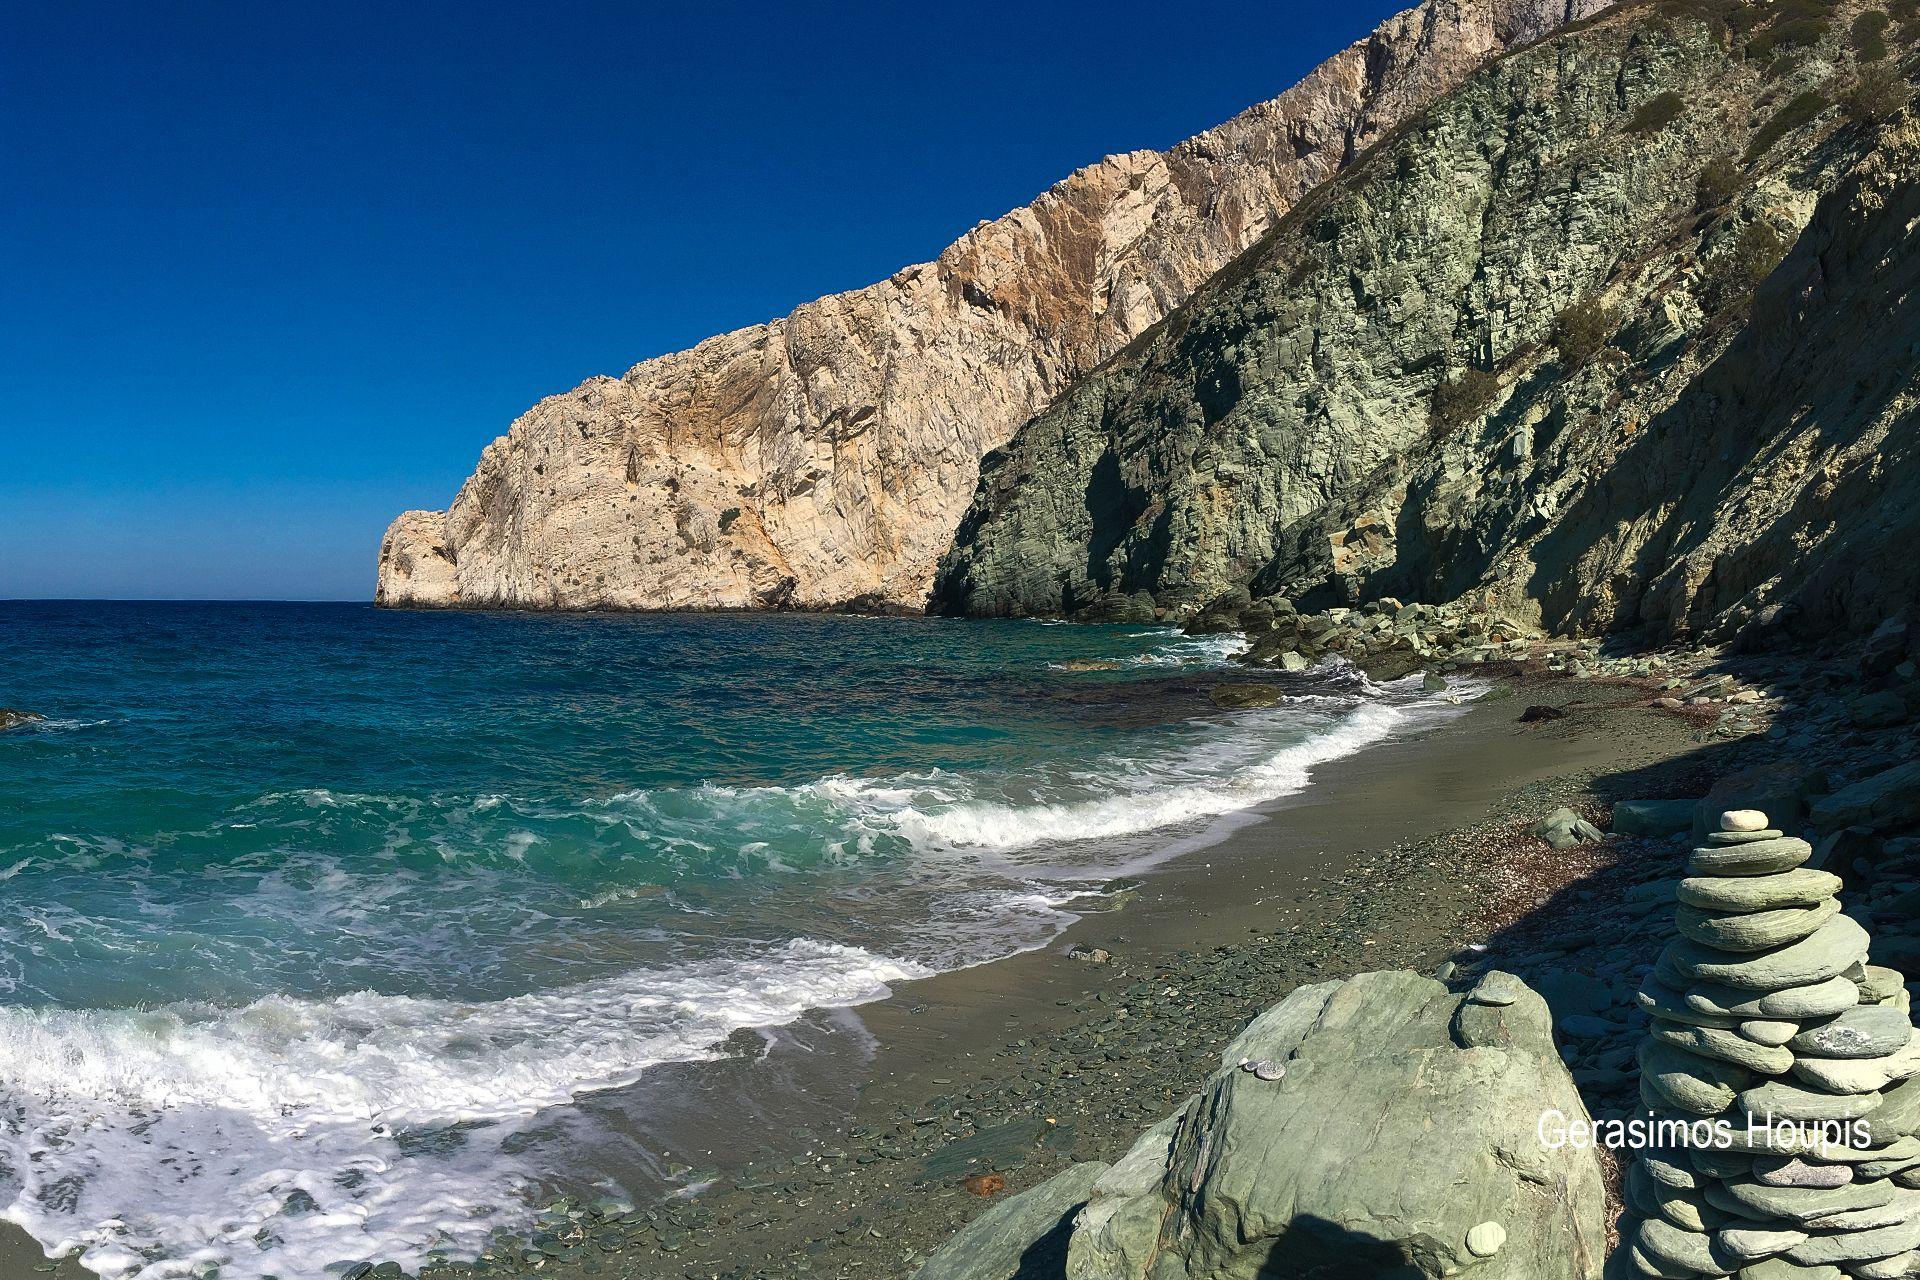 Voreina beach, Folegandros